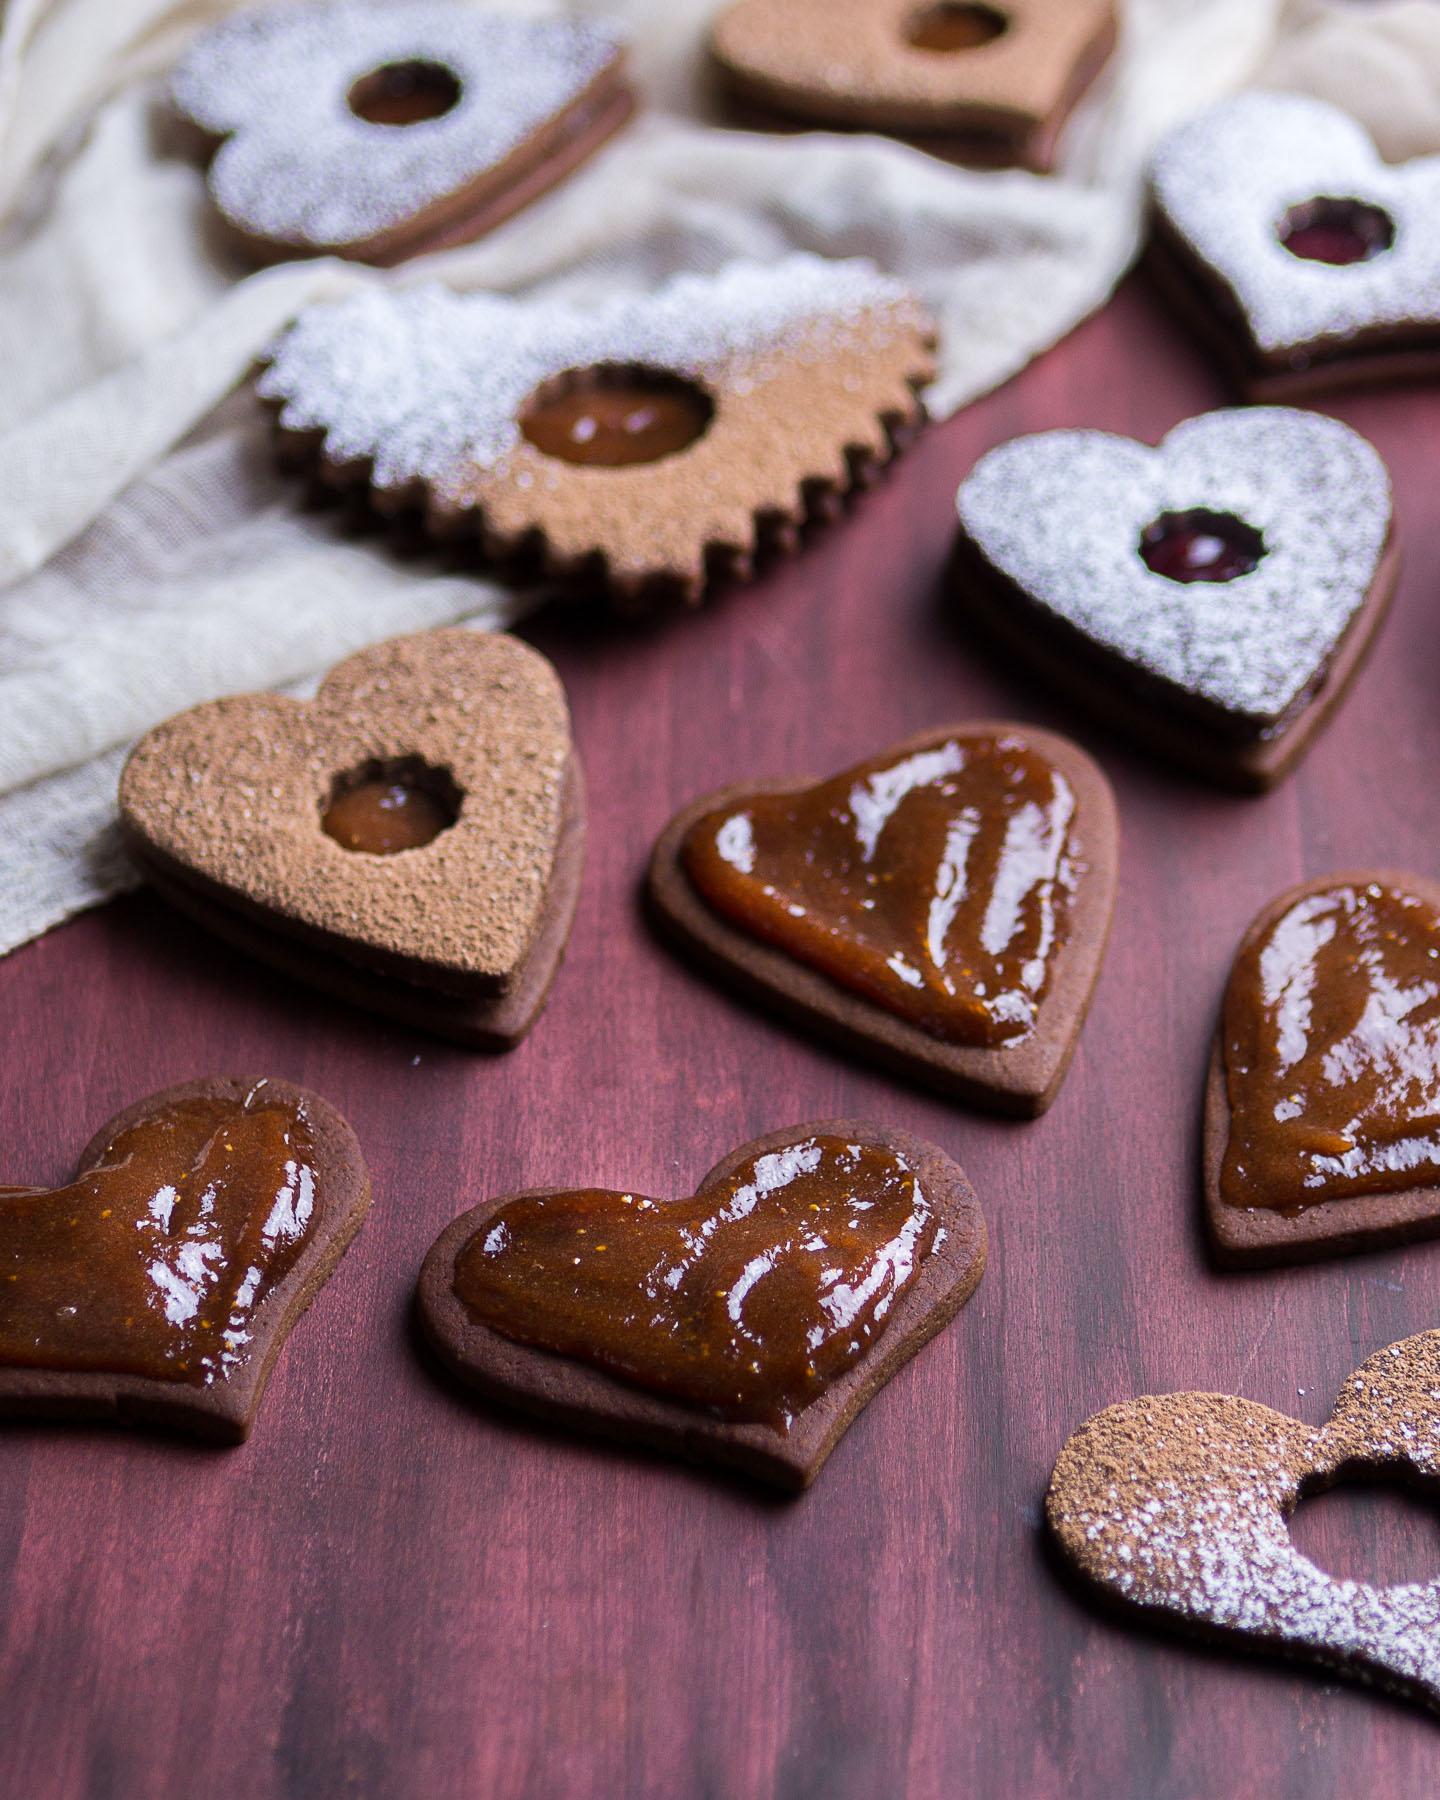 chocolate-linzer-cookies-6.jpg